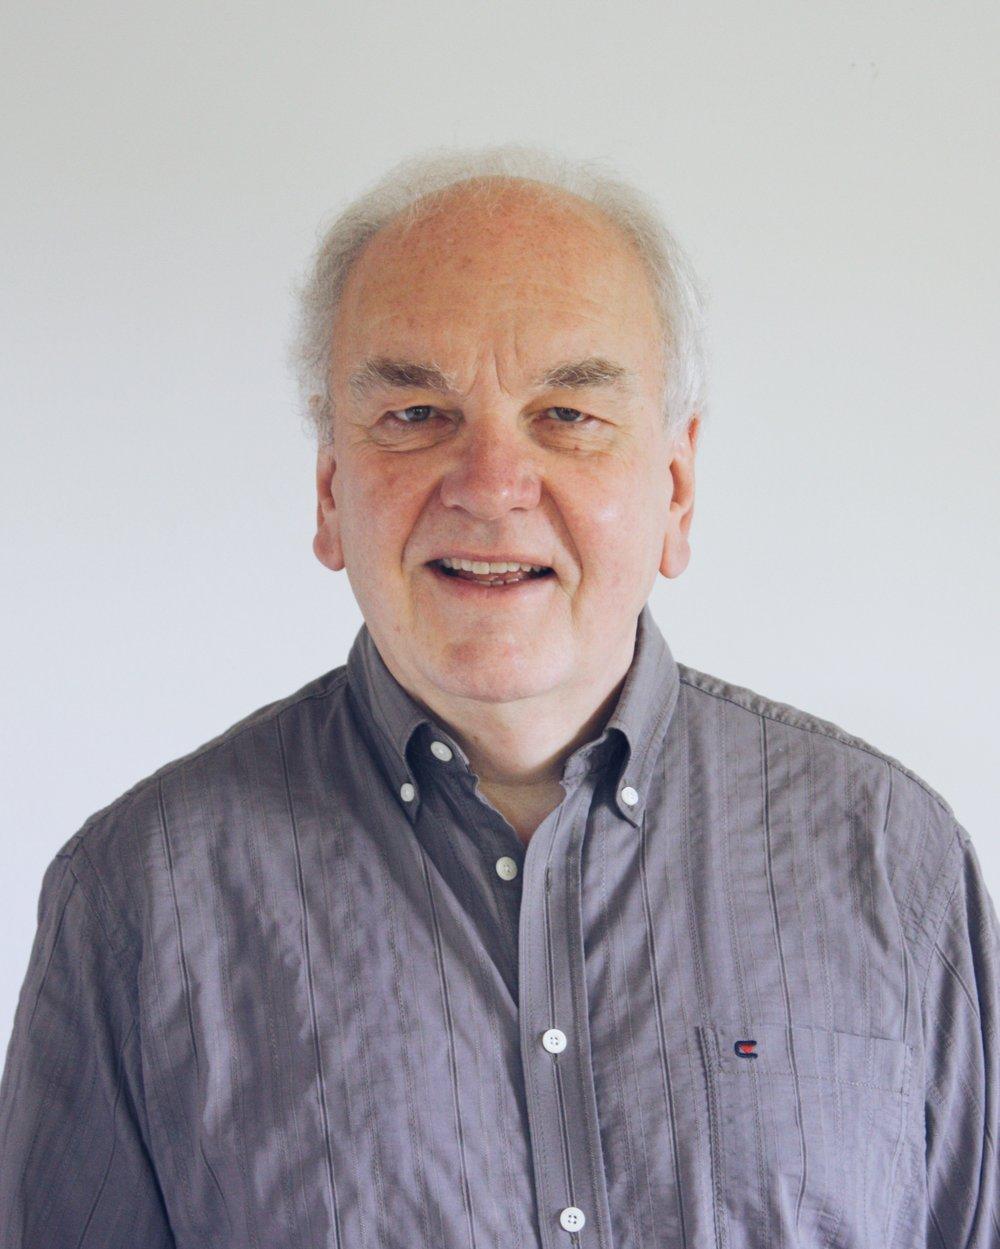 Georg Flingelli, Praktischer Arzt - Psychotherapie, für Erwachsene